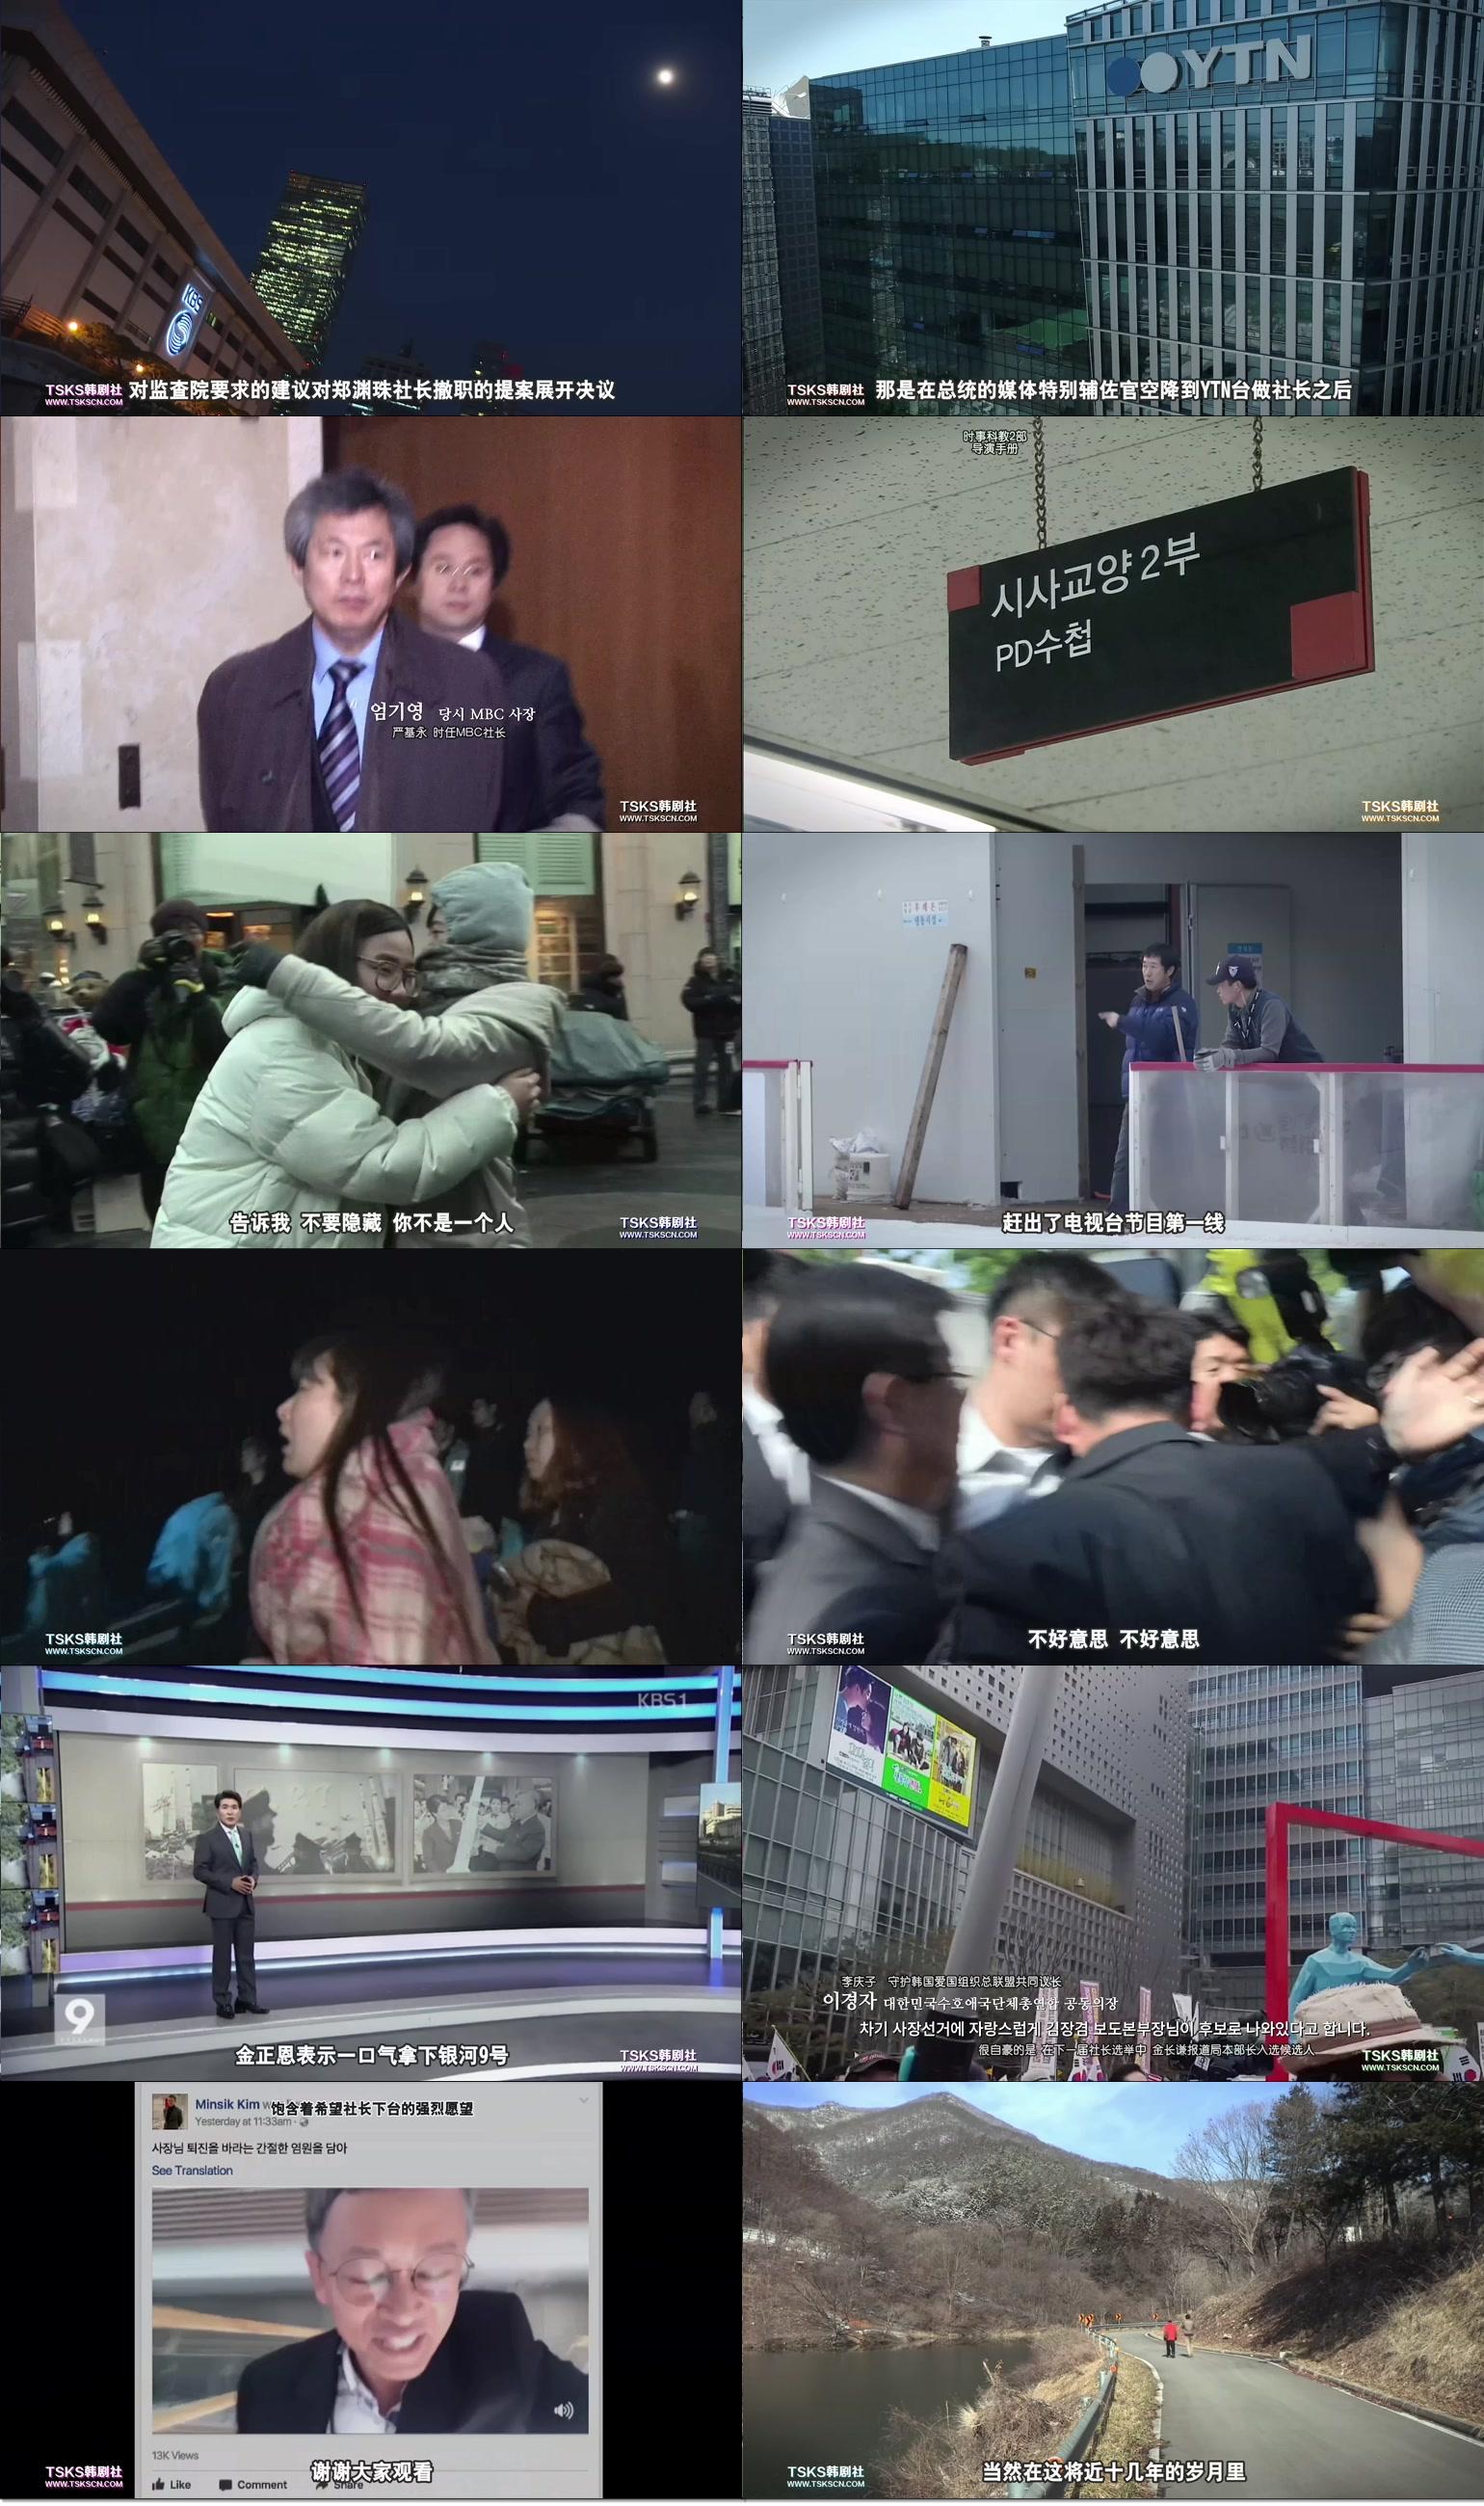 這邊是[韓] 共犯者們/幫凶Criminal Conspiracy.2017.HD-1080p[MKV@2.3G@簡中]圖片的自定義alt信息;547173,728559,haokuku,70